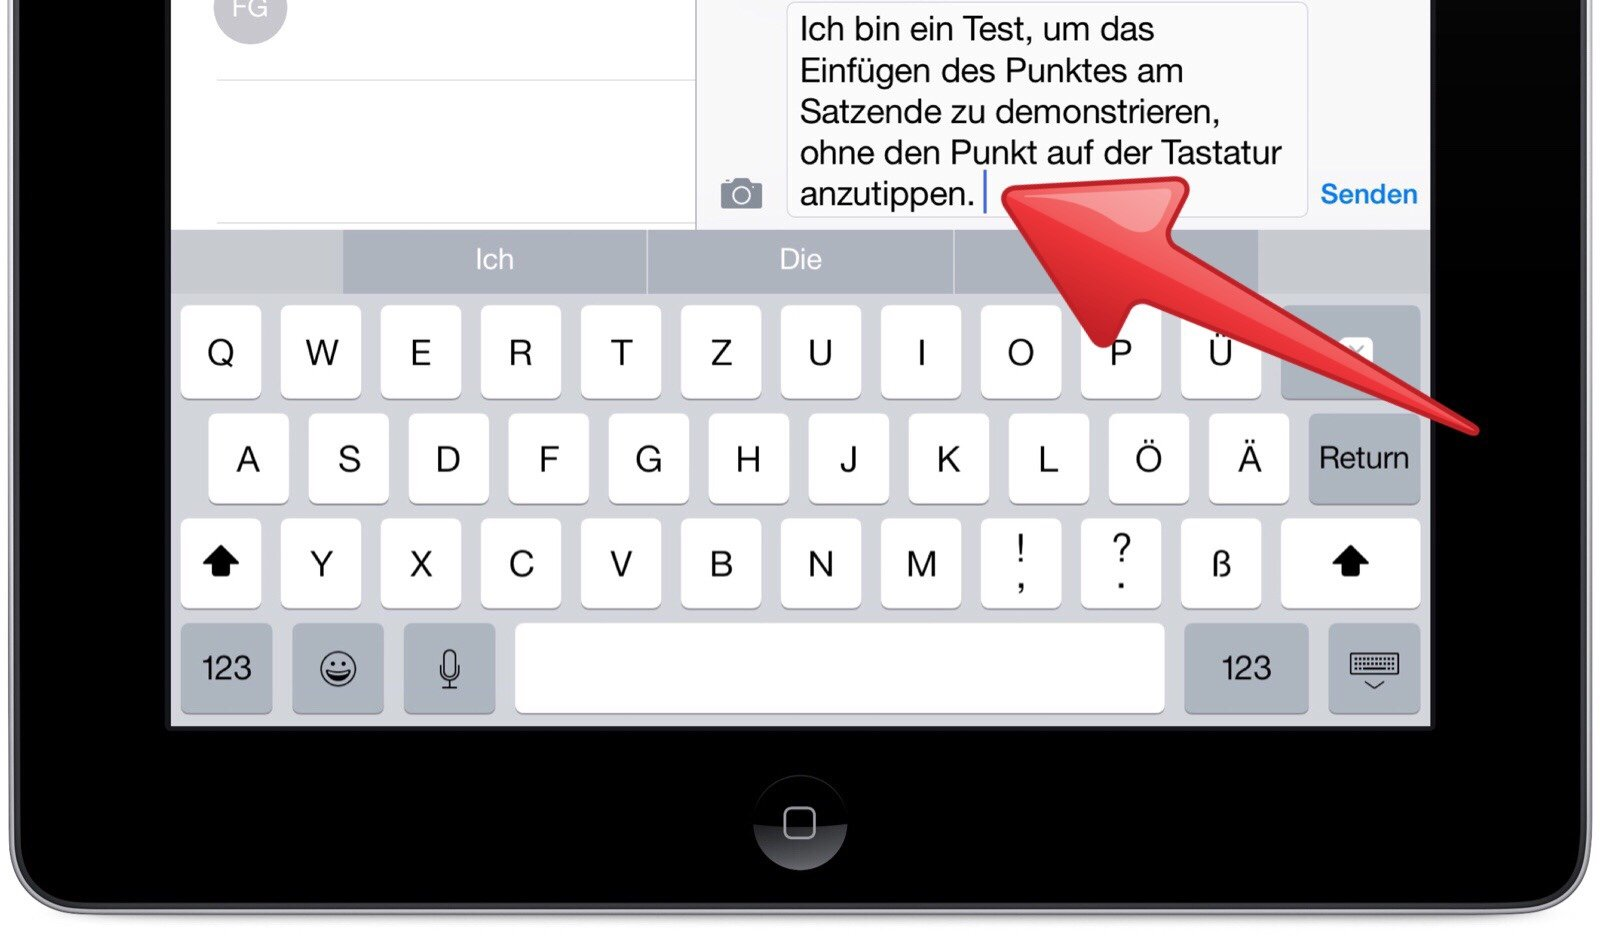 iPad-Tastatur-Satzende-Punkt-einfügen-2.jpg